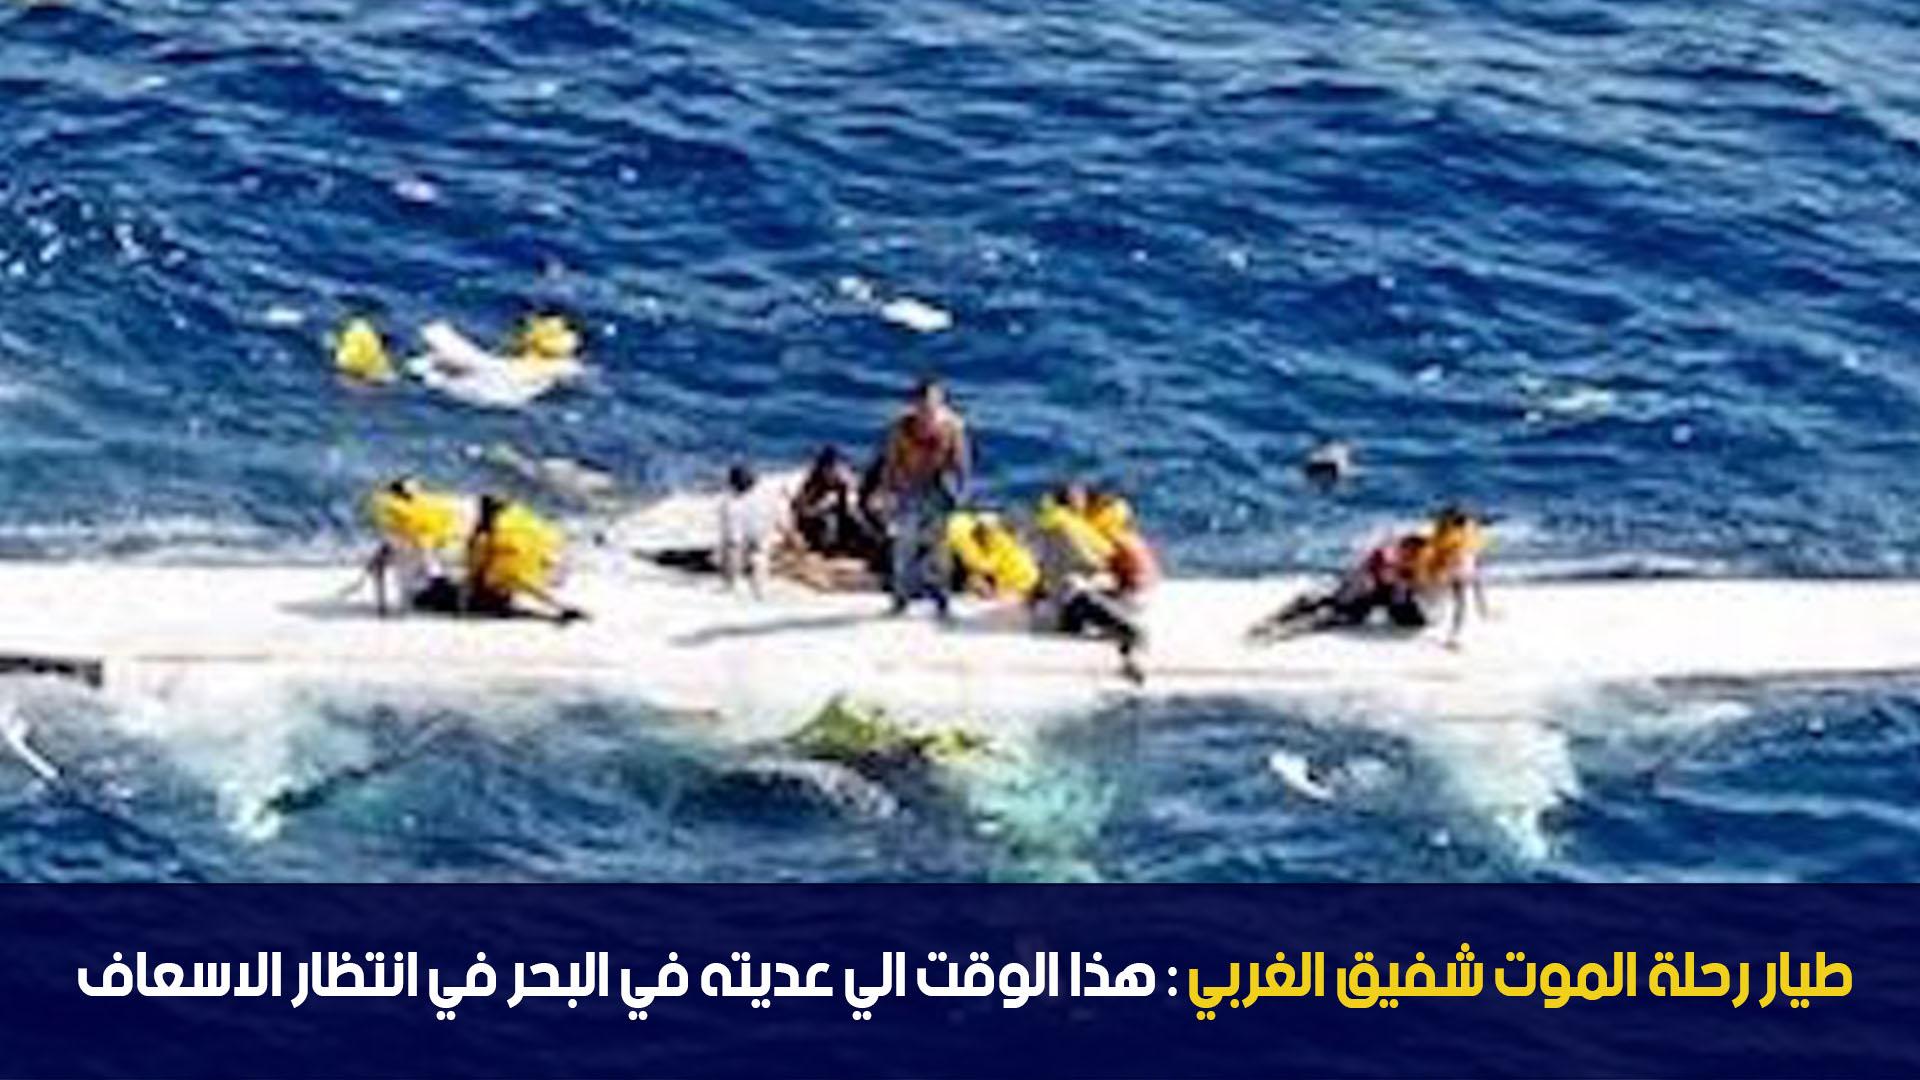 طيار رحلة الموت شفيق الغربي : هذا الوقت الي عديته في البحر في انتظار الاسعاف